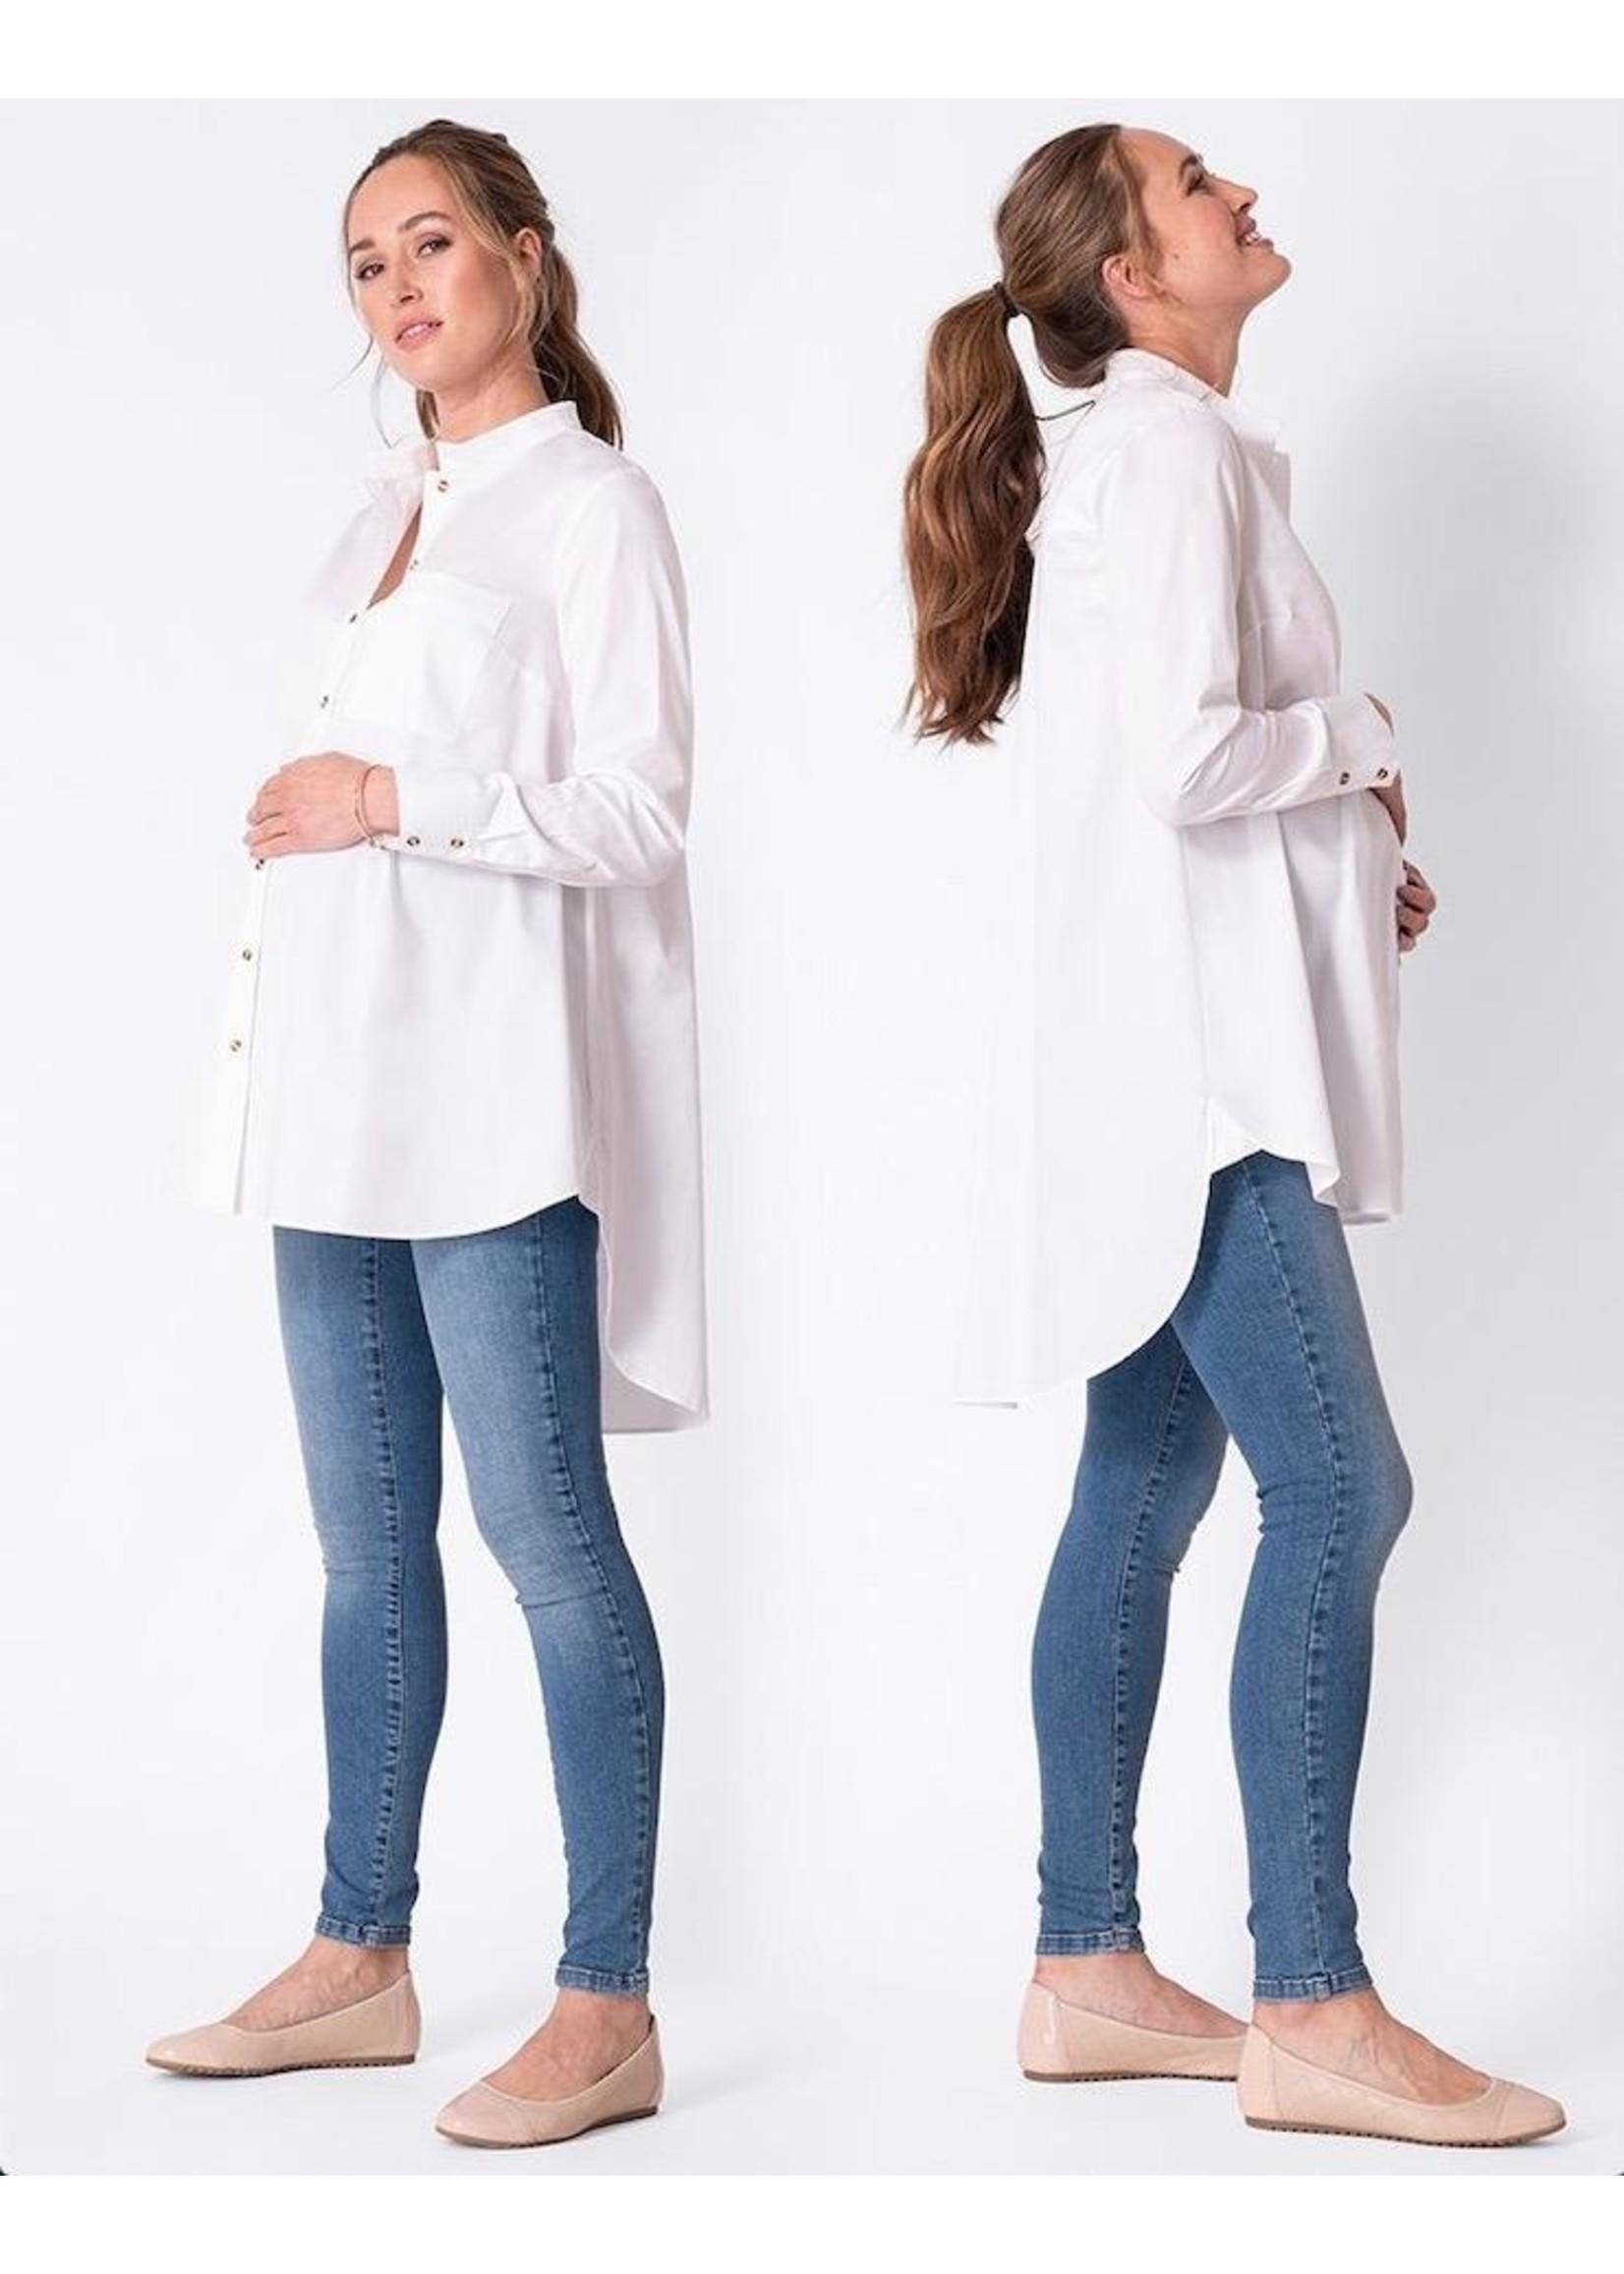 Seraphine Seraphine, Henrika, High-Low Hem White Cotton Maternity Shirt